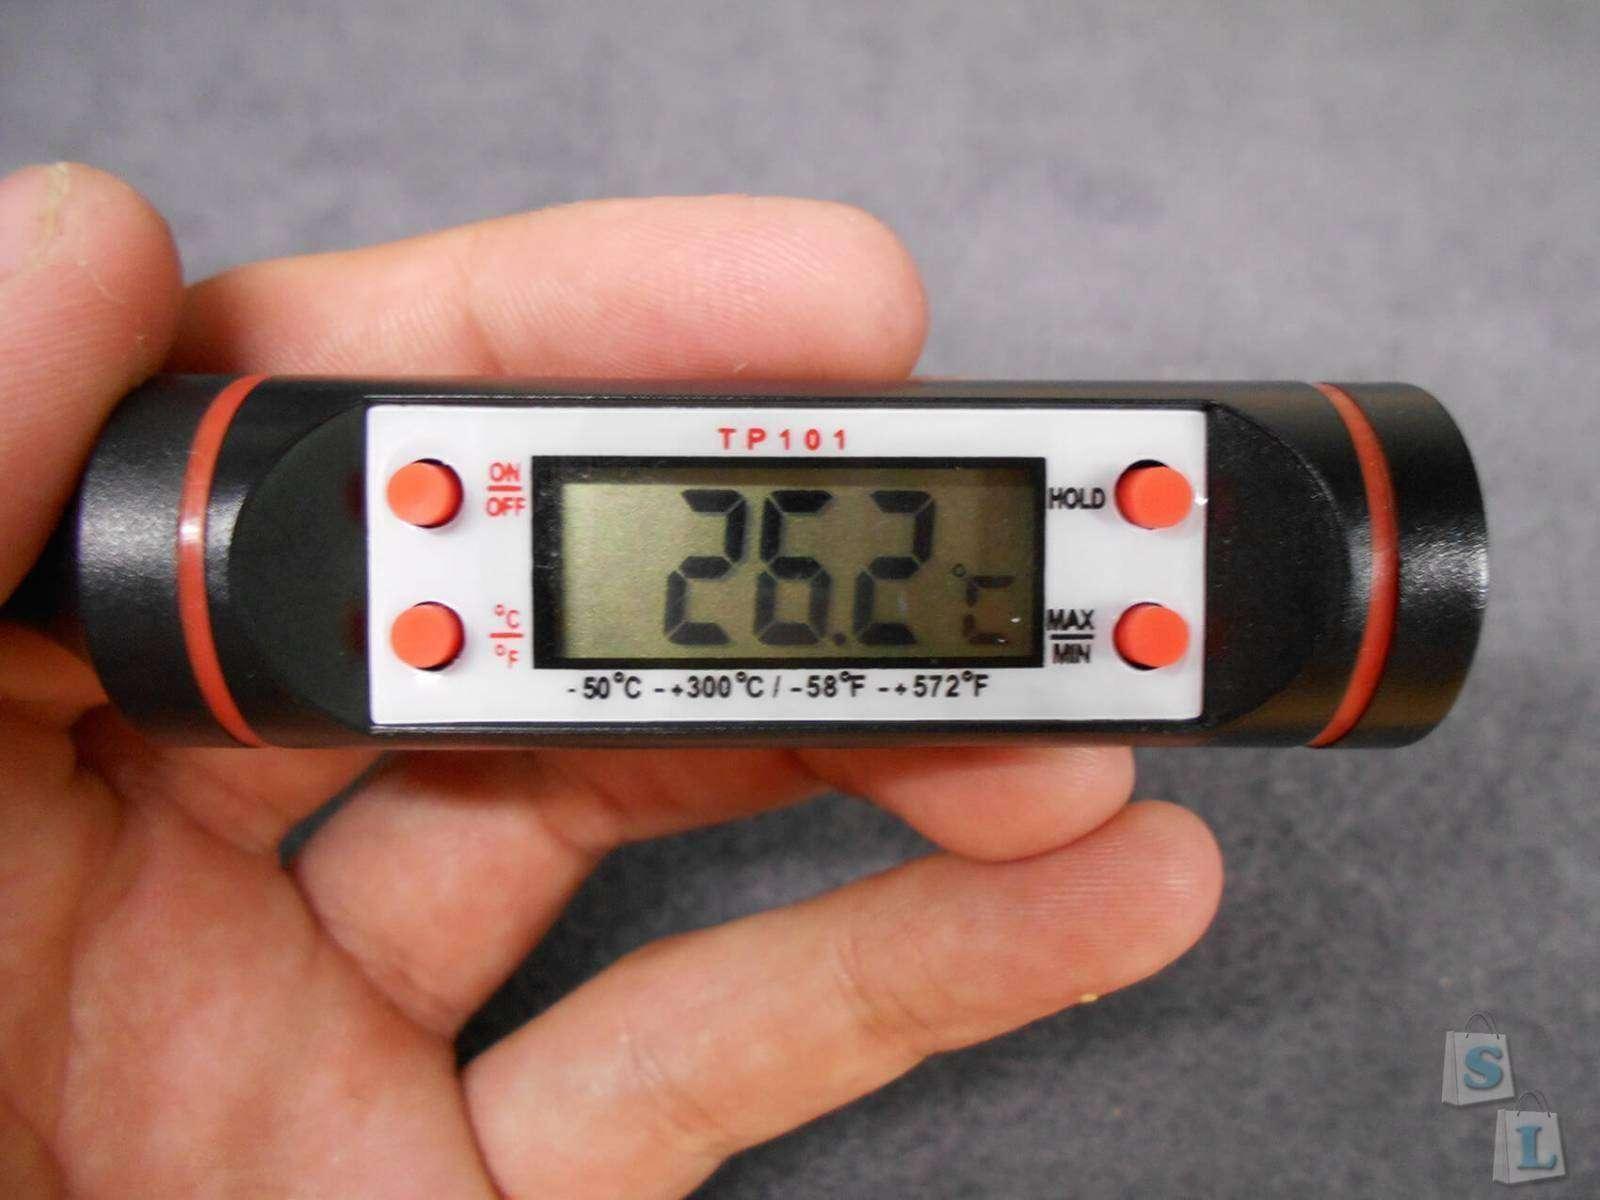 Aliexpress: Термометр электронный (TP101). Универсальный термометр с погрешностью в 1 градус.